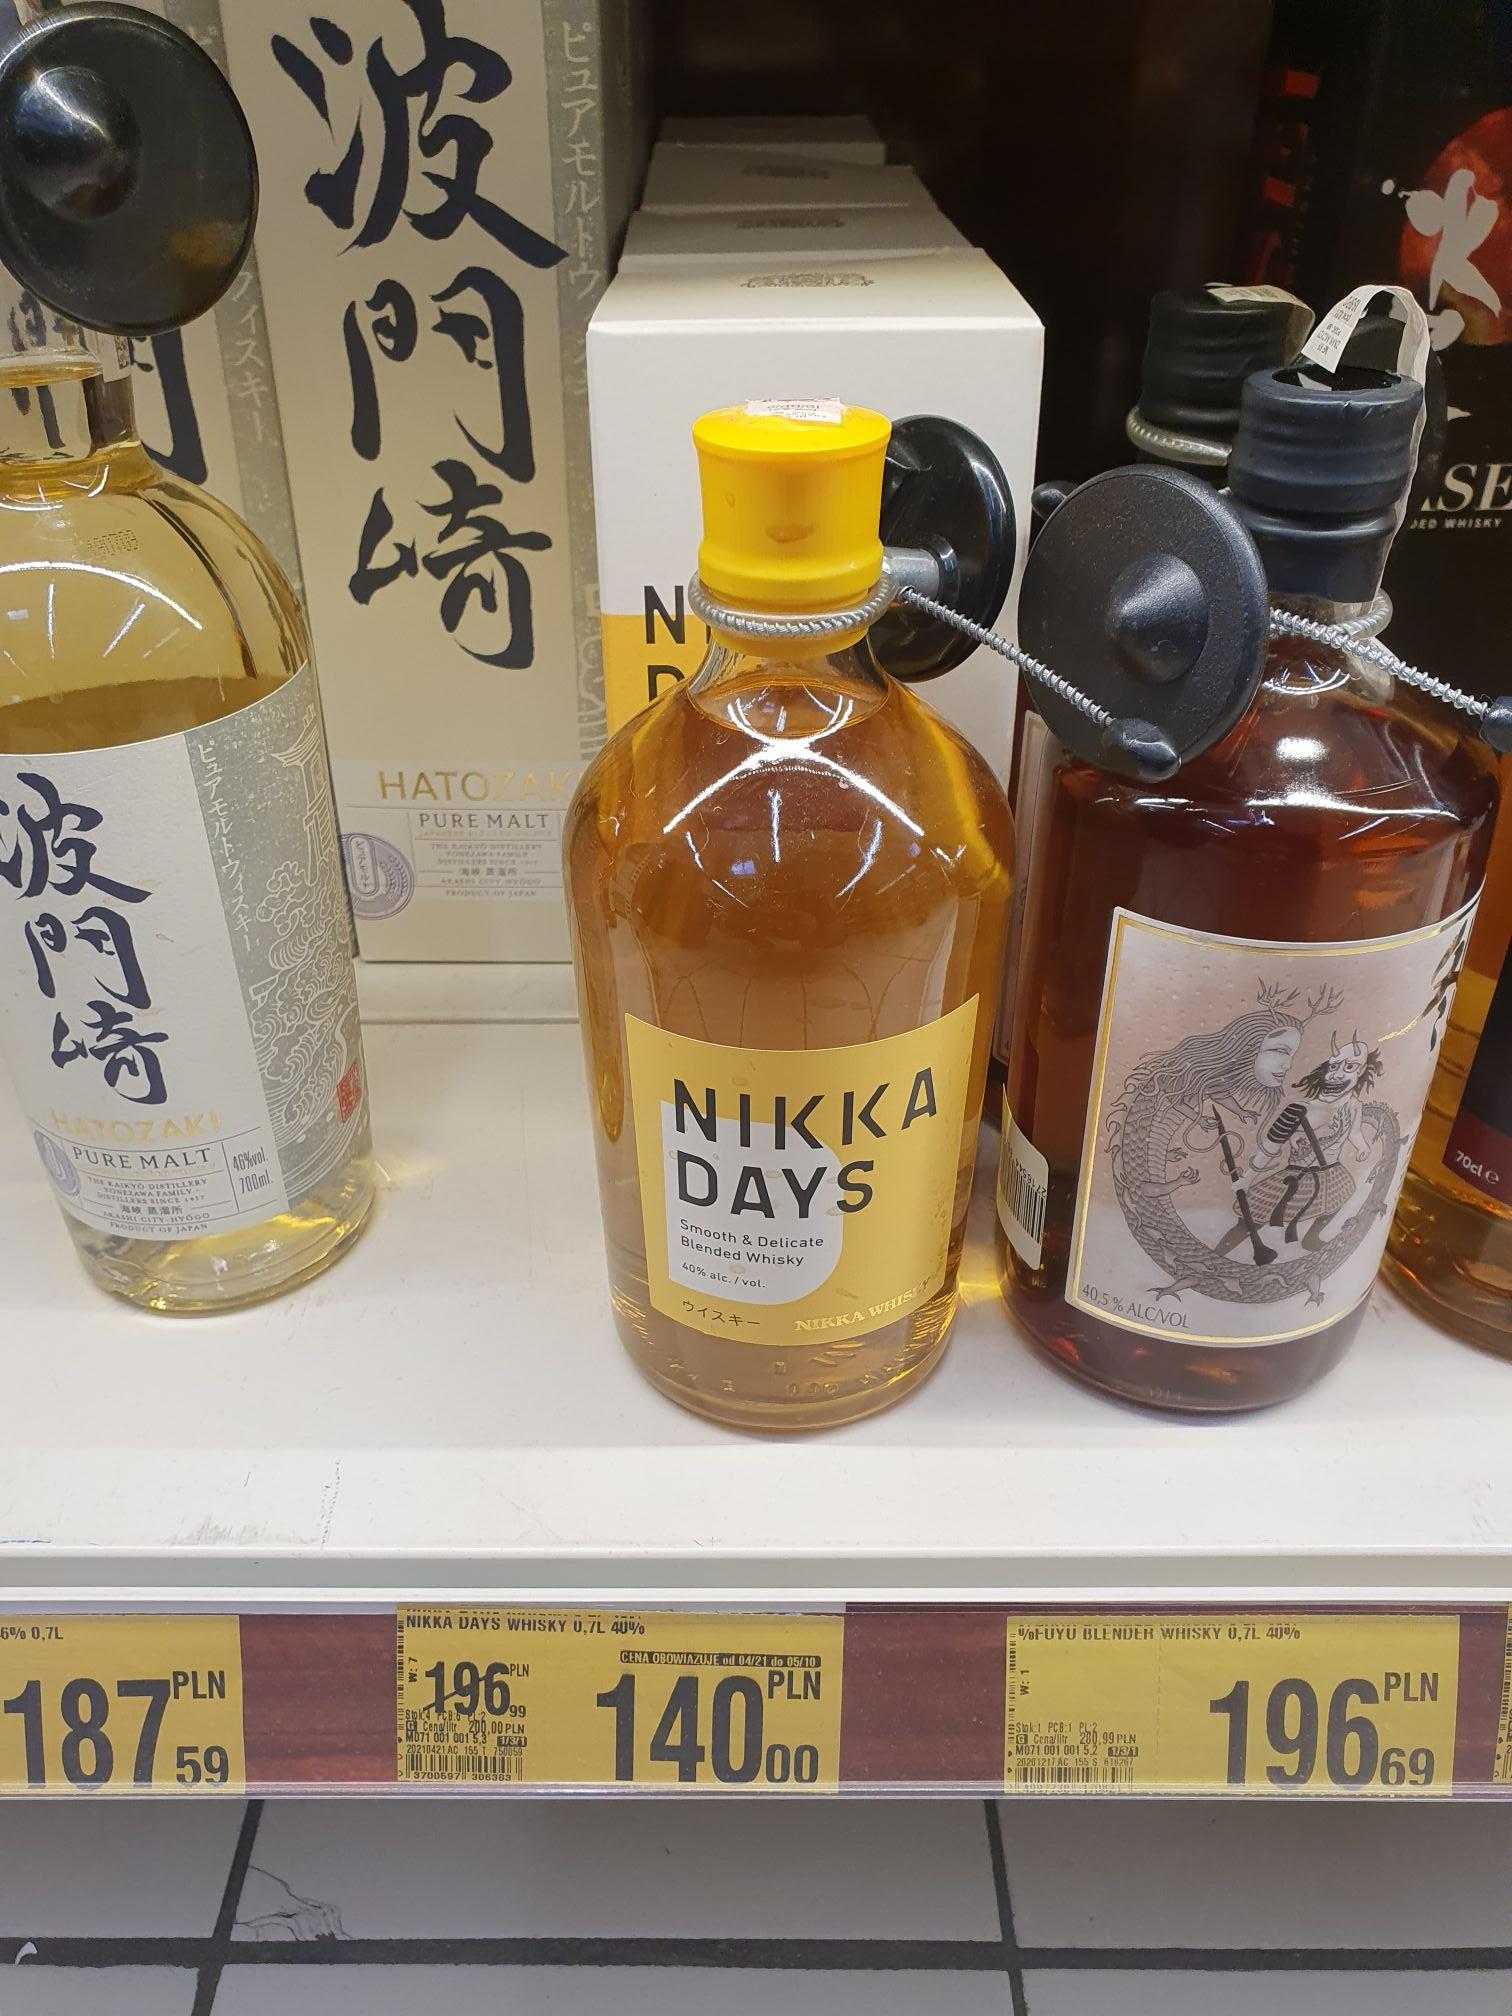 Whisky Nikka Days 0.7 i inne - oferta zbiorcza - Auchan Sosnowiec